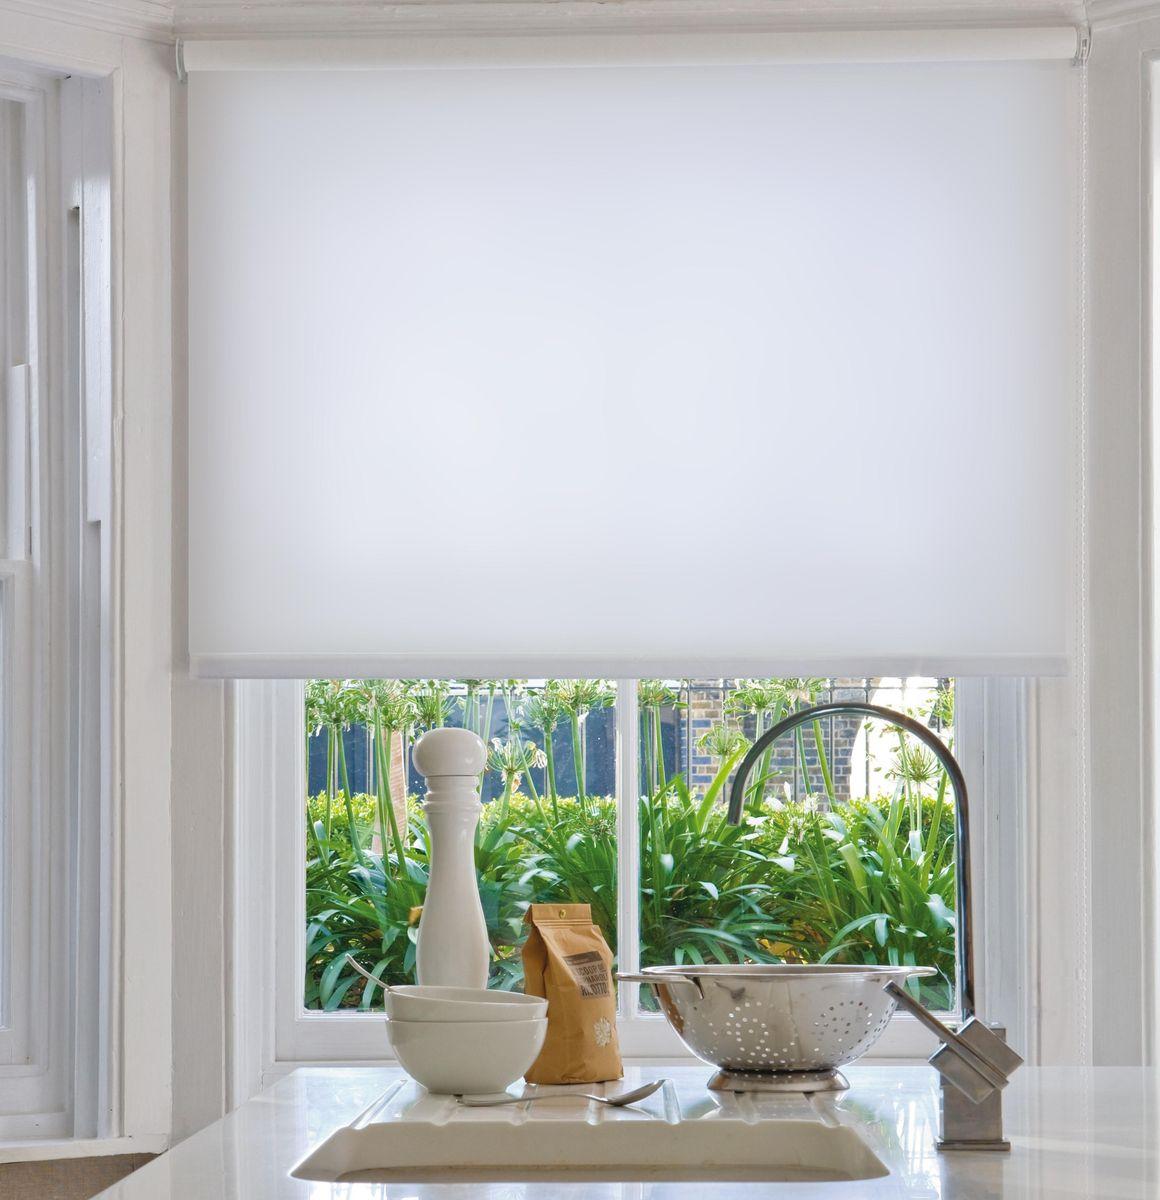 Штора рулонная Эскар, цвет: белый, ширина 160 см, высота 170 см10503Рулонными шторами можно оформлять окна как самостоятельно, так и использовать в комбинации с портьерами. Это поможет предотвратить выгорание дорогой ткани на солнце и соединит функционал рулонных с красотой навесных.Преимущества применения рулонных штор для пластиковых окон:- имеют прекрасный внешний вид: многообразие и фактурность материала изделия отлично смотрятся в любом интерьере; - многофункциональны: есть возможность подобрать шторы способные эффективно защитить комнату от солнца, при этом о на не будет слишком темной. - Есть возможность осуществить быстрый монтаж. ВНИМАНИЕ! Размеры ширины изделия указаны по ширине ткани!Во время эксплуатации не рекомендуется полностью разматывать рулон, чтобы не оторвать ткань от намоточного вала.В случае загрязнения поверхности ткани, чистку шторы проводят одним из способов, в зависимости от типа загрязнения: легкое поверхностное загрязнение можно удалить при помощи канцелярского ластика; чистка от пыли производится сухим методом при помощи пылесоса с мягкой щеткой-насадкой; для удаления пятна используйте мягкую губку с пенообразующим неагрессивным моющим средством или пятновыводитель на натуральной основе (нельзя применять растворители).